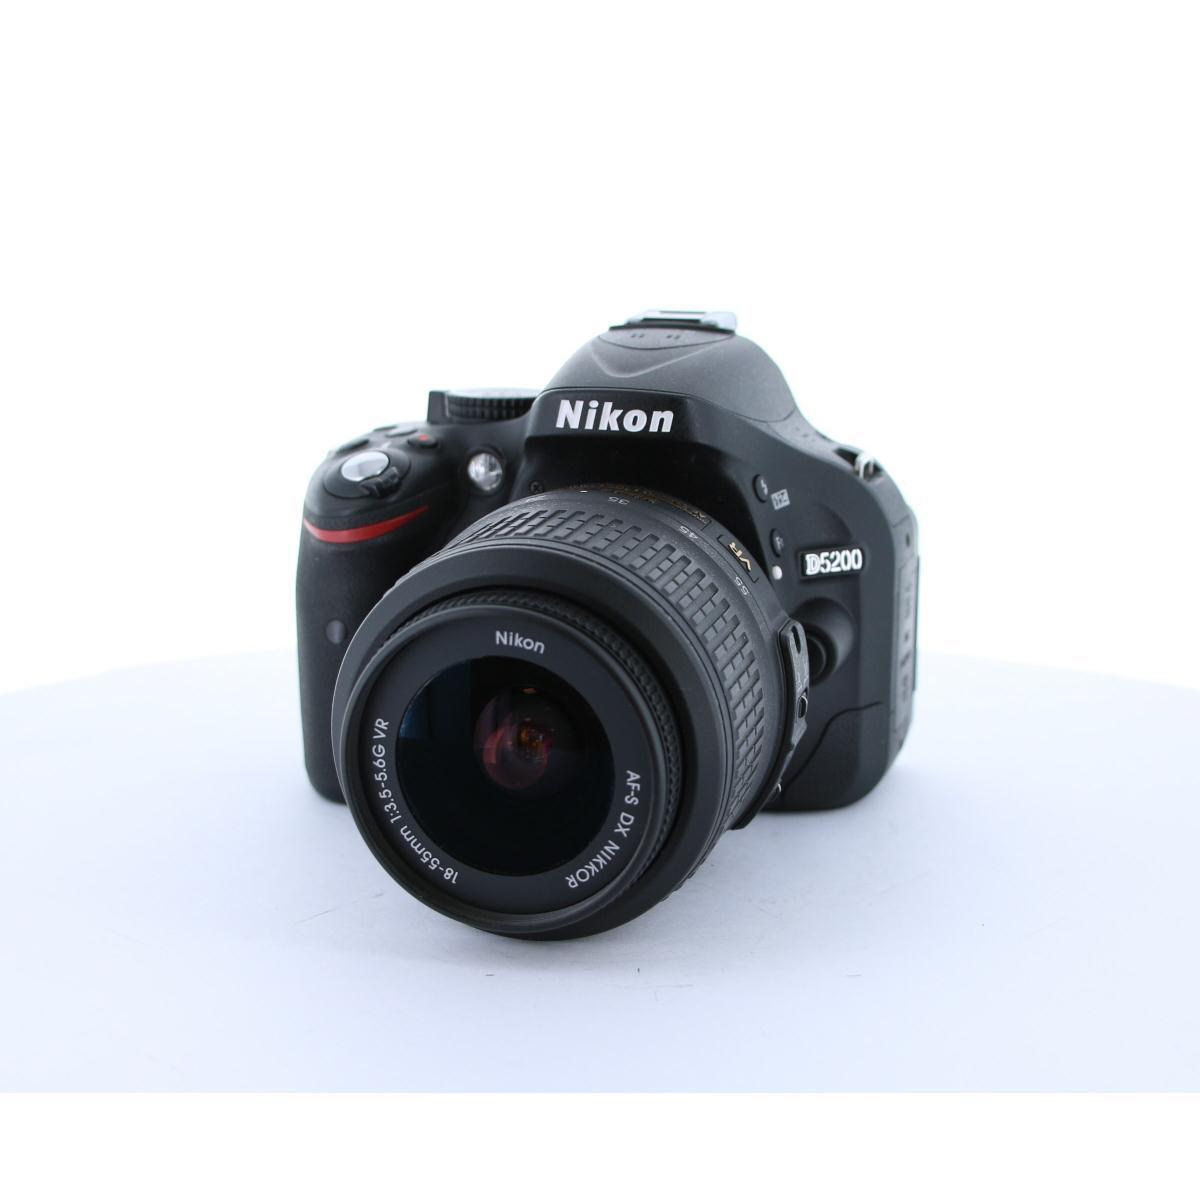 NIKON D5200 18-55VR KIT【中古】